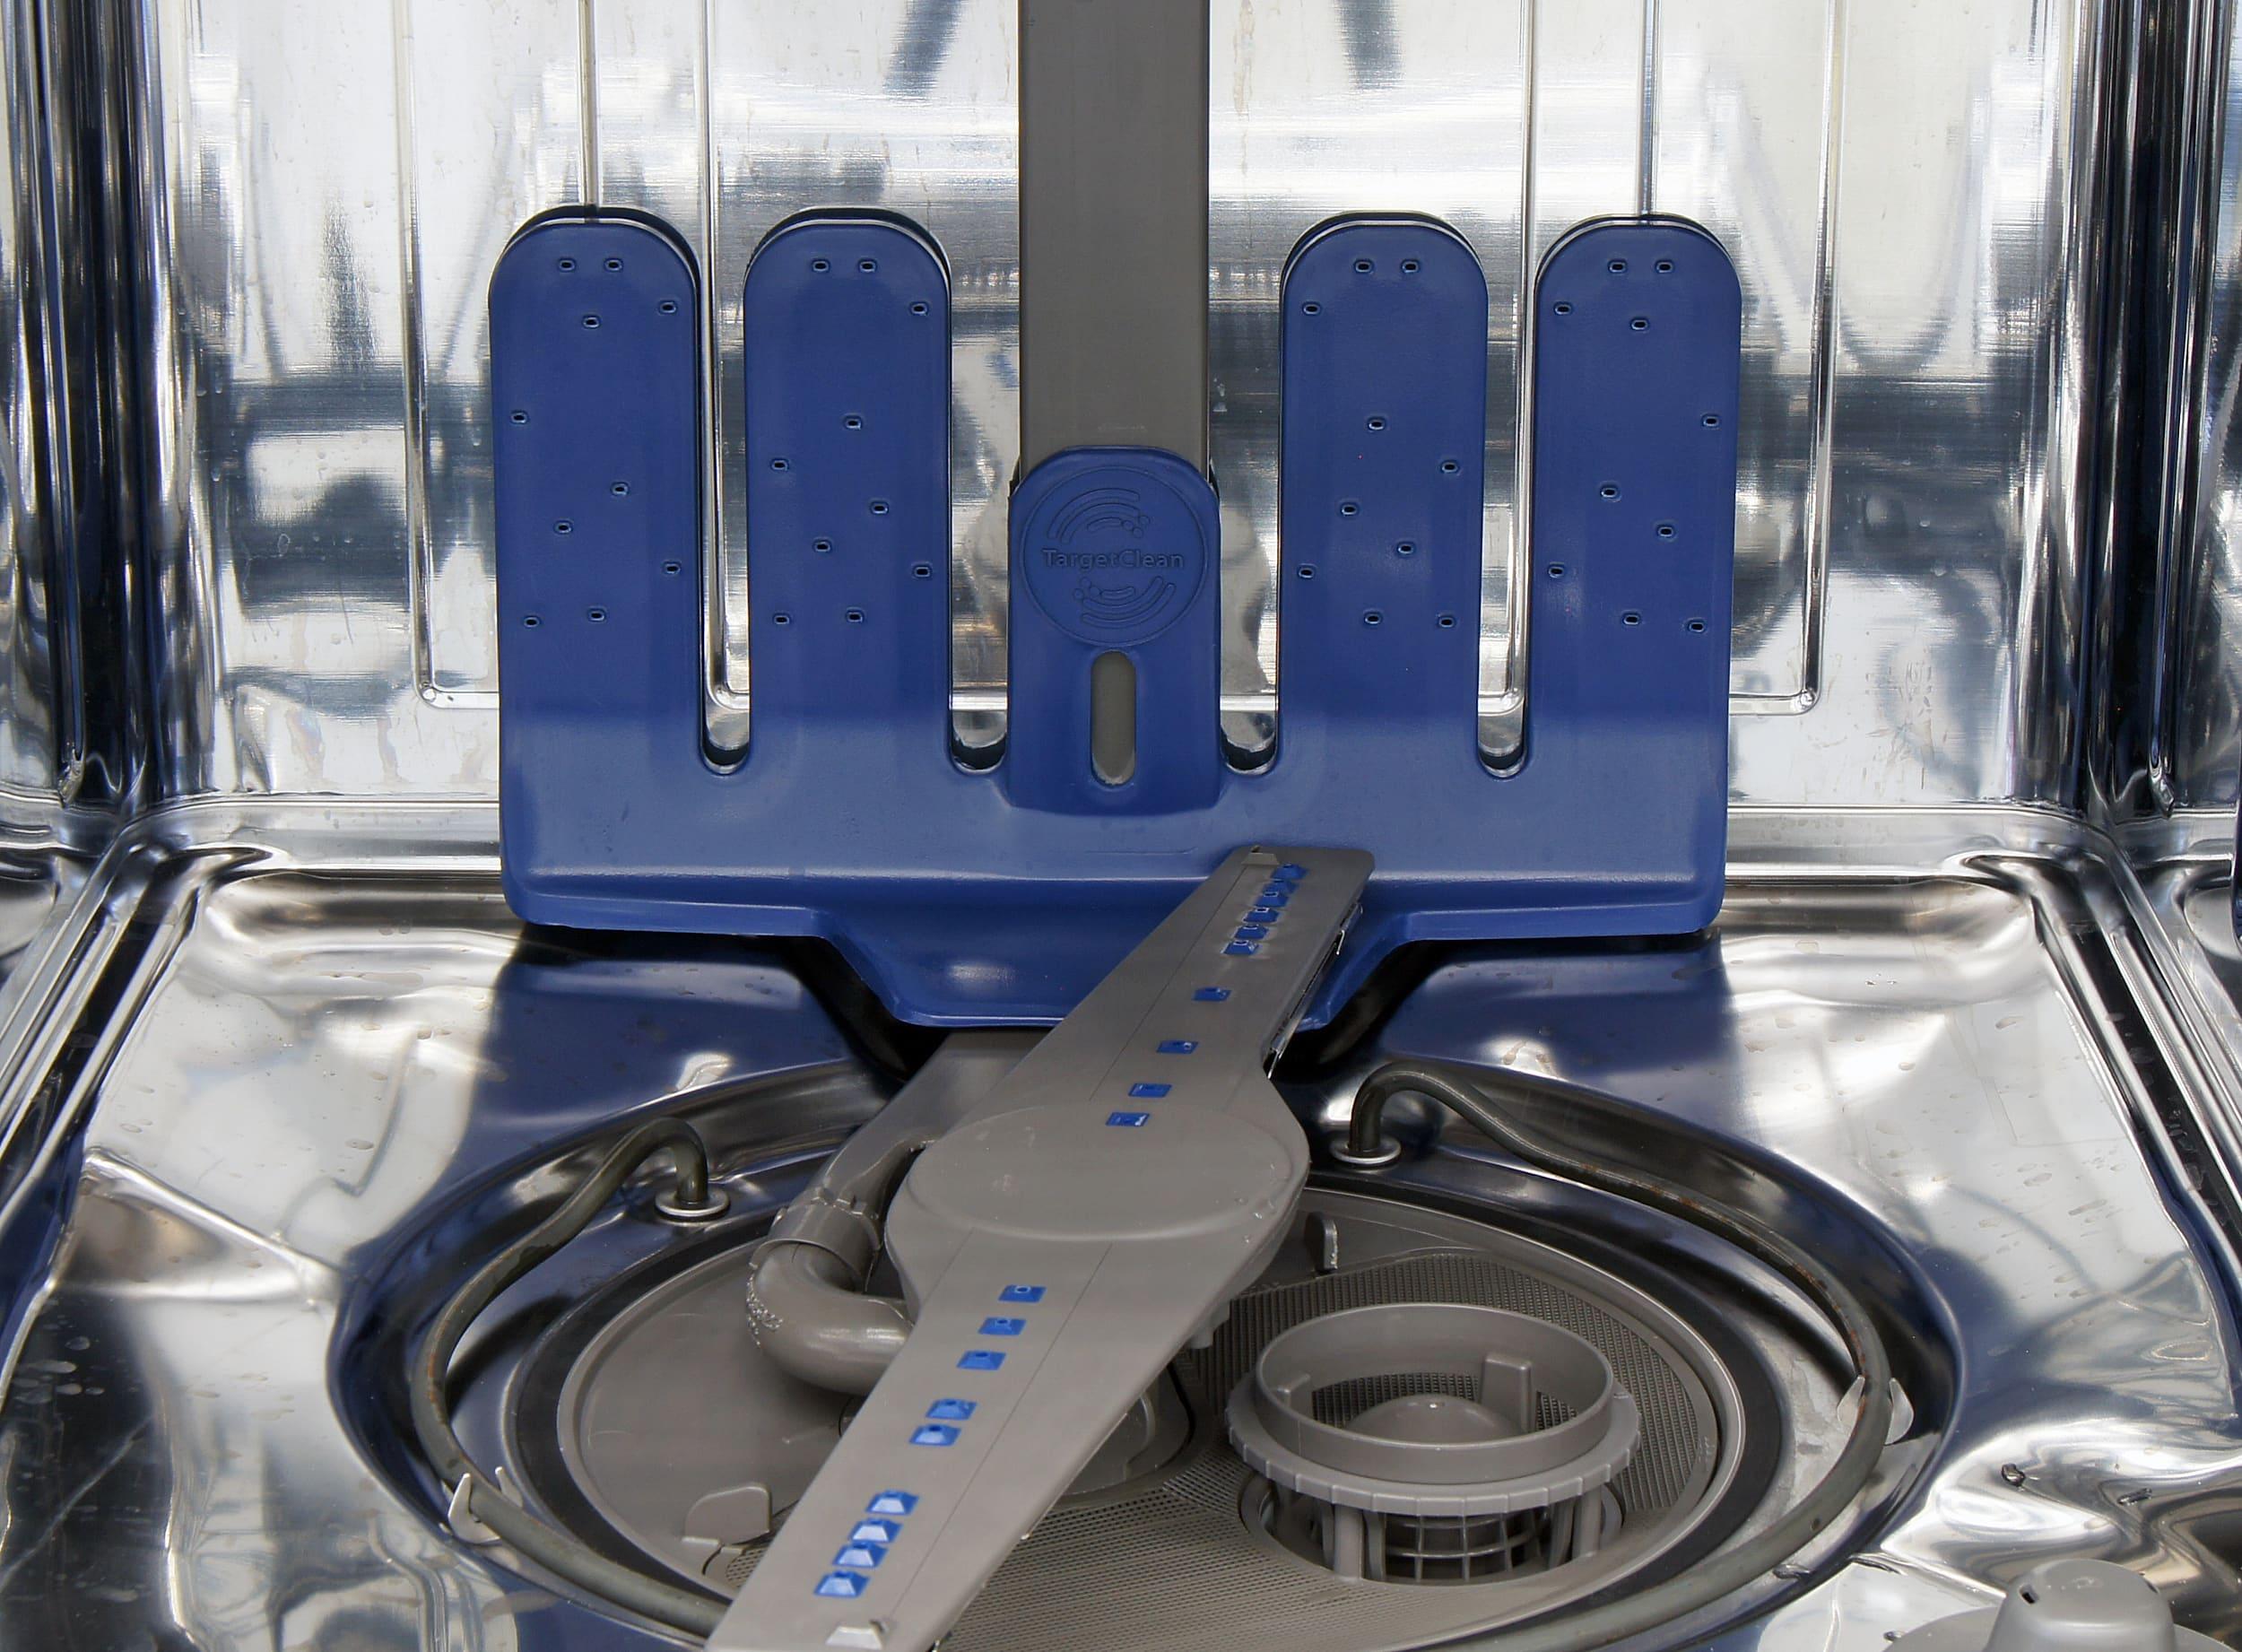 Whirlpool WDT920SADM Target Clean